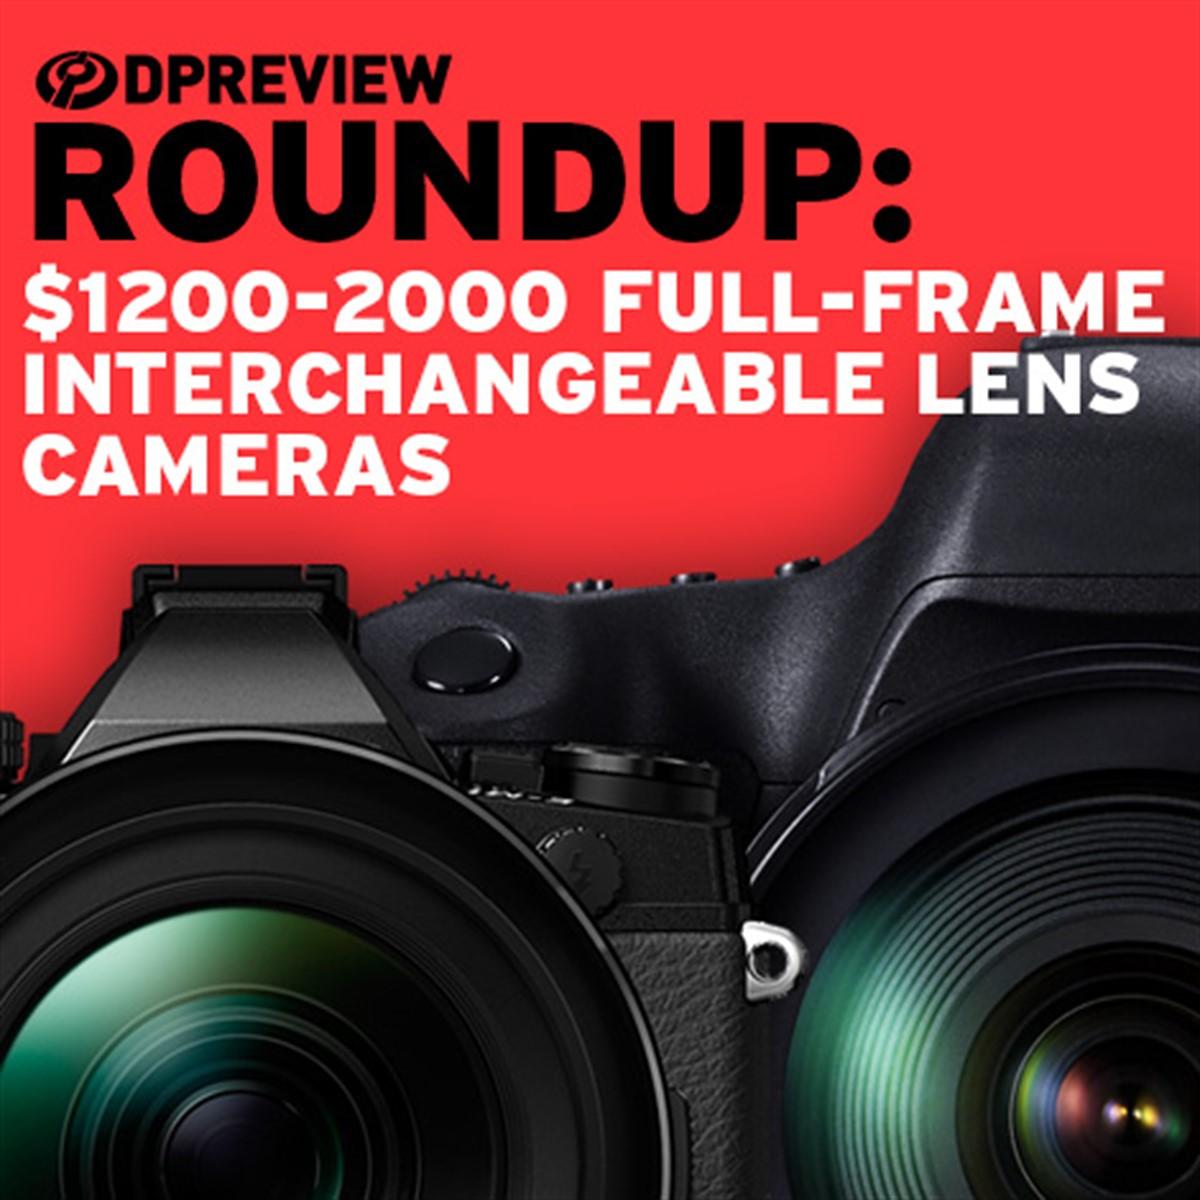 2017 Roundup: $1200-2000 interchangeable lens cameras: full-frame ...